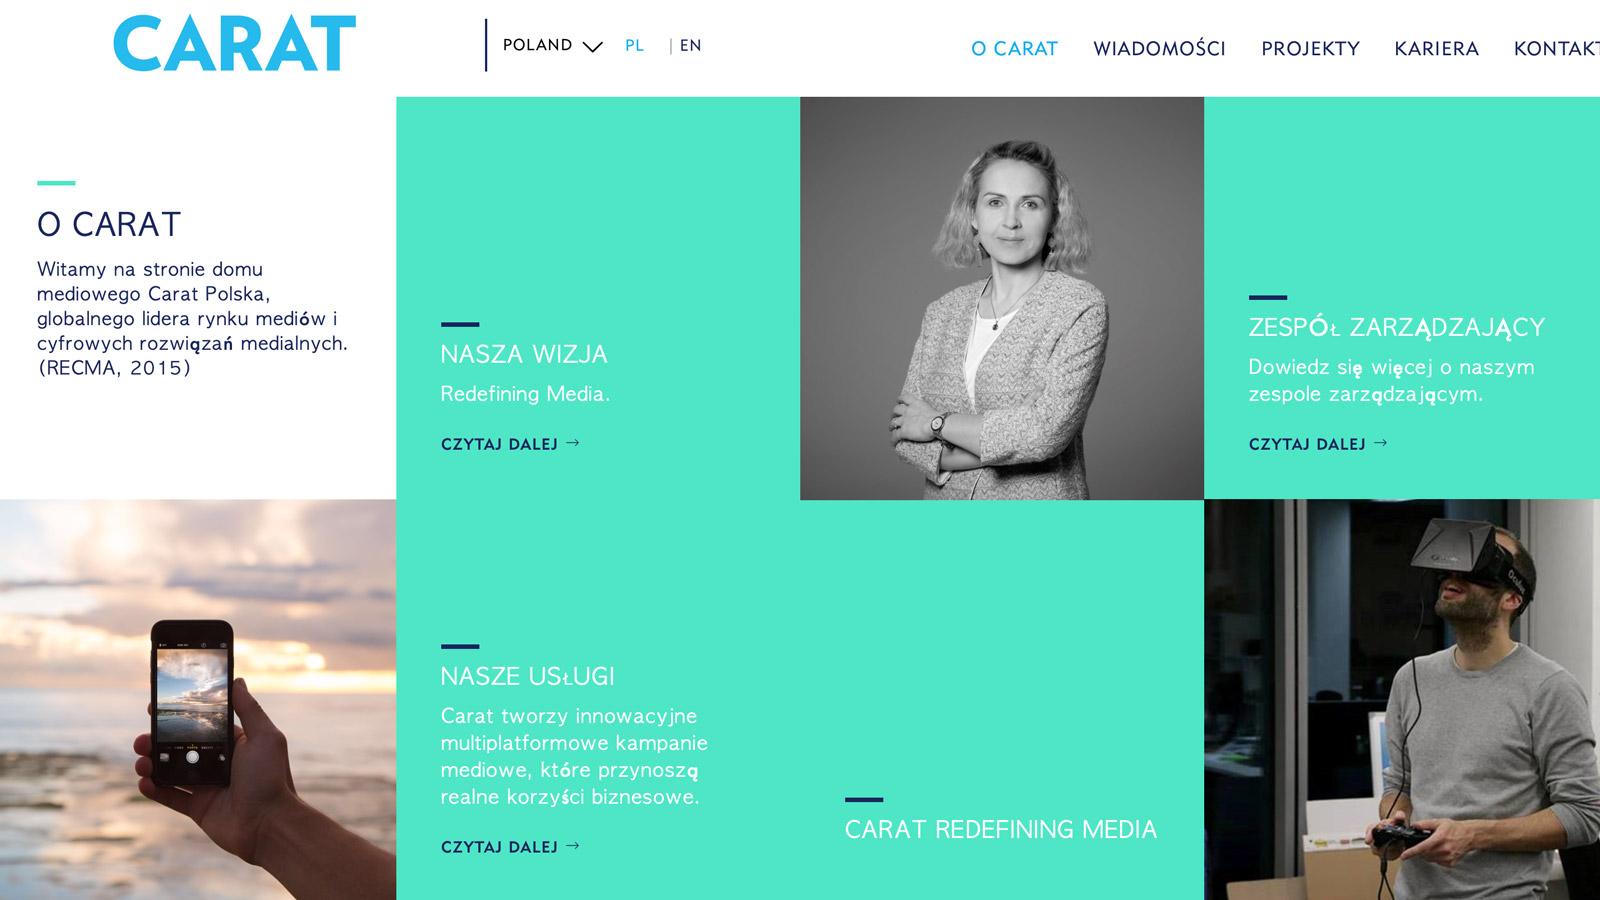 Dom mediowy CARAT podjął nową współpracę Carat mediarun carat www 2019